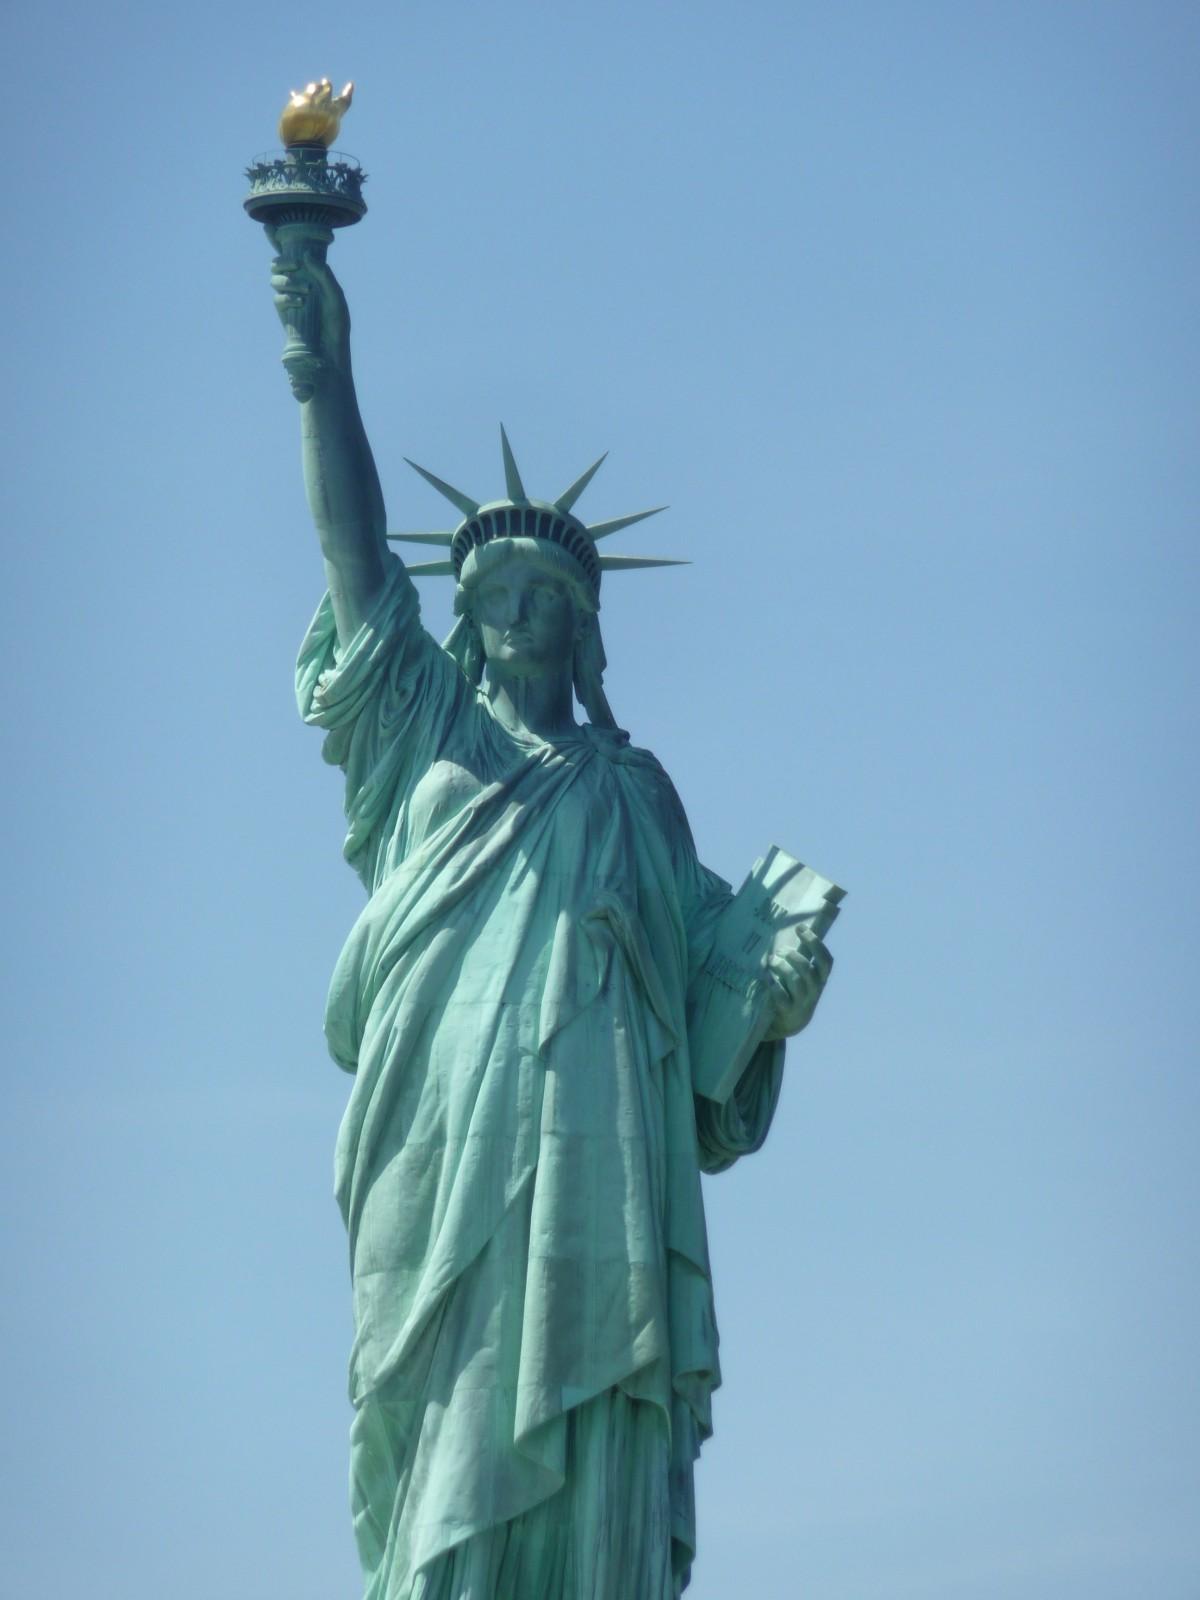 Afbeeldingsresultaat voor gratis foto vrijheidsbeeld USA